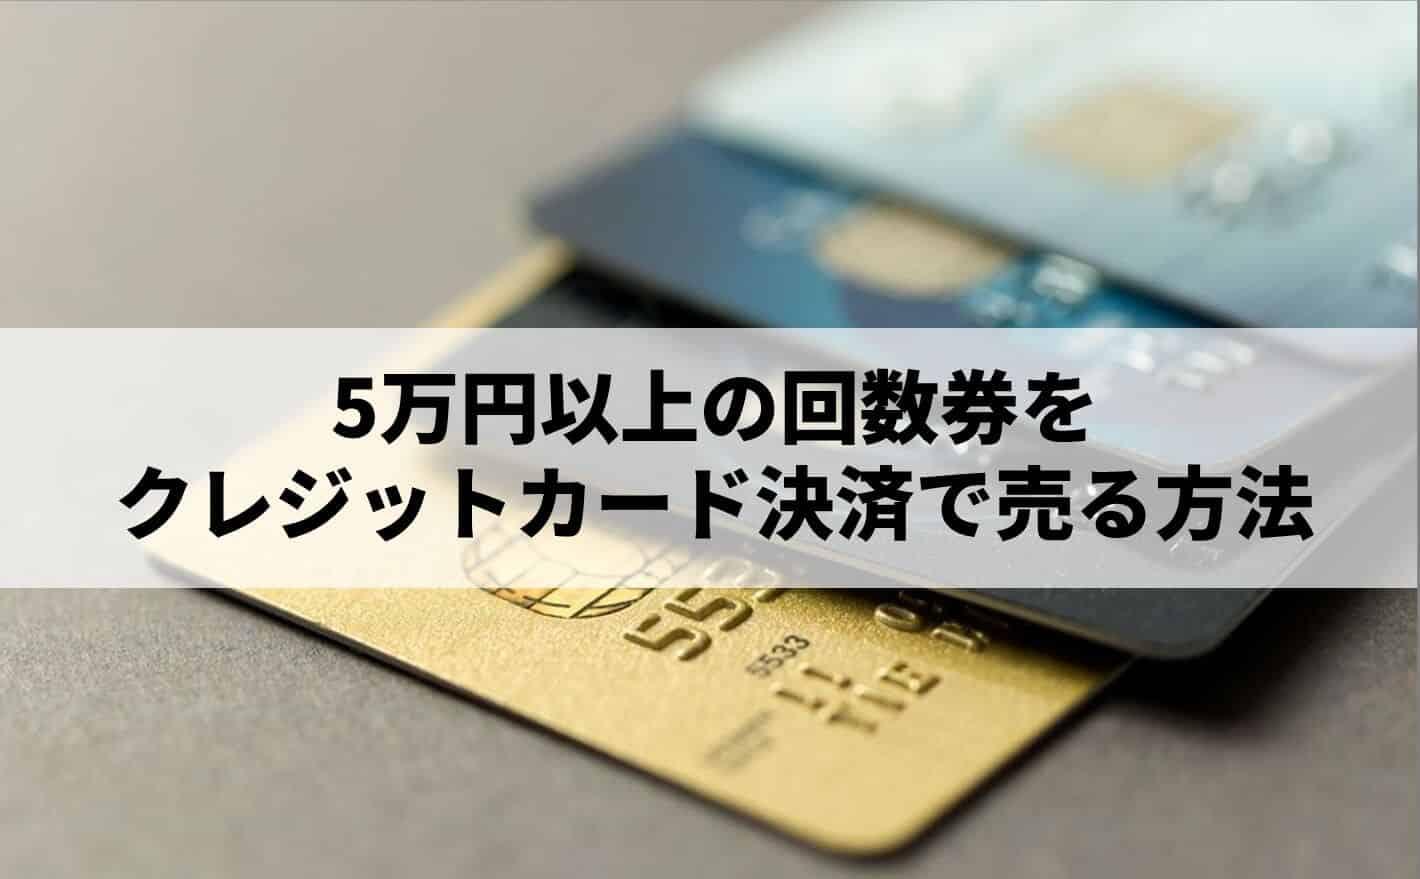 回数券 5万円 特定継続役務 クレジットカード